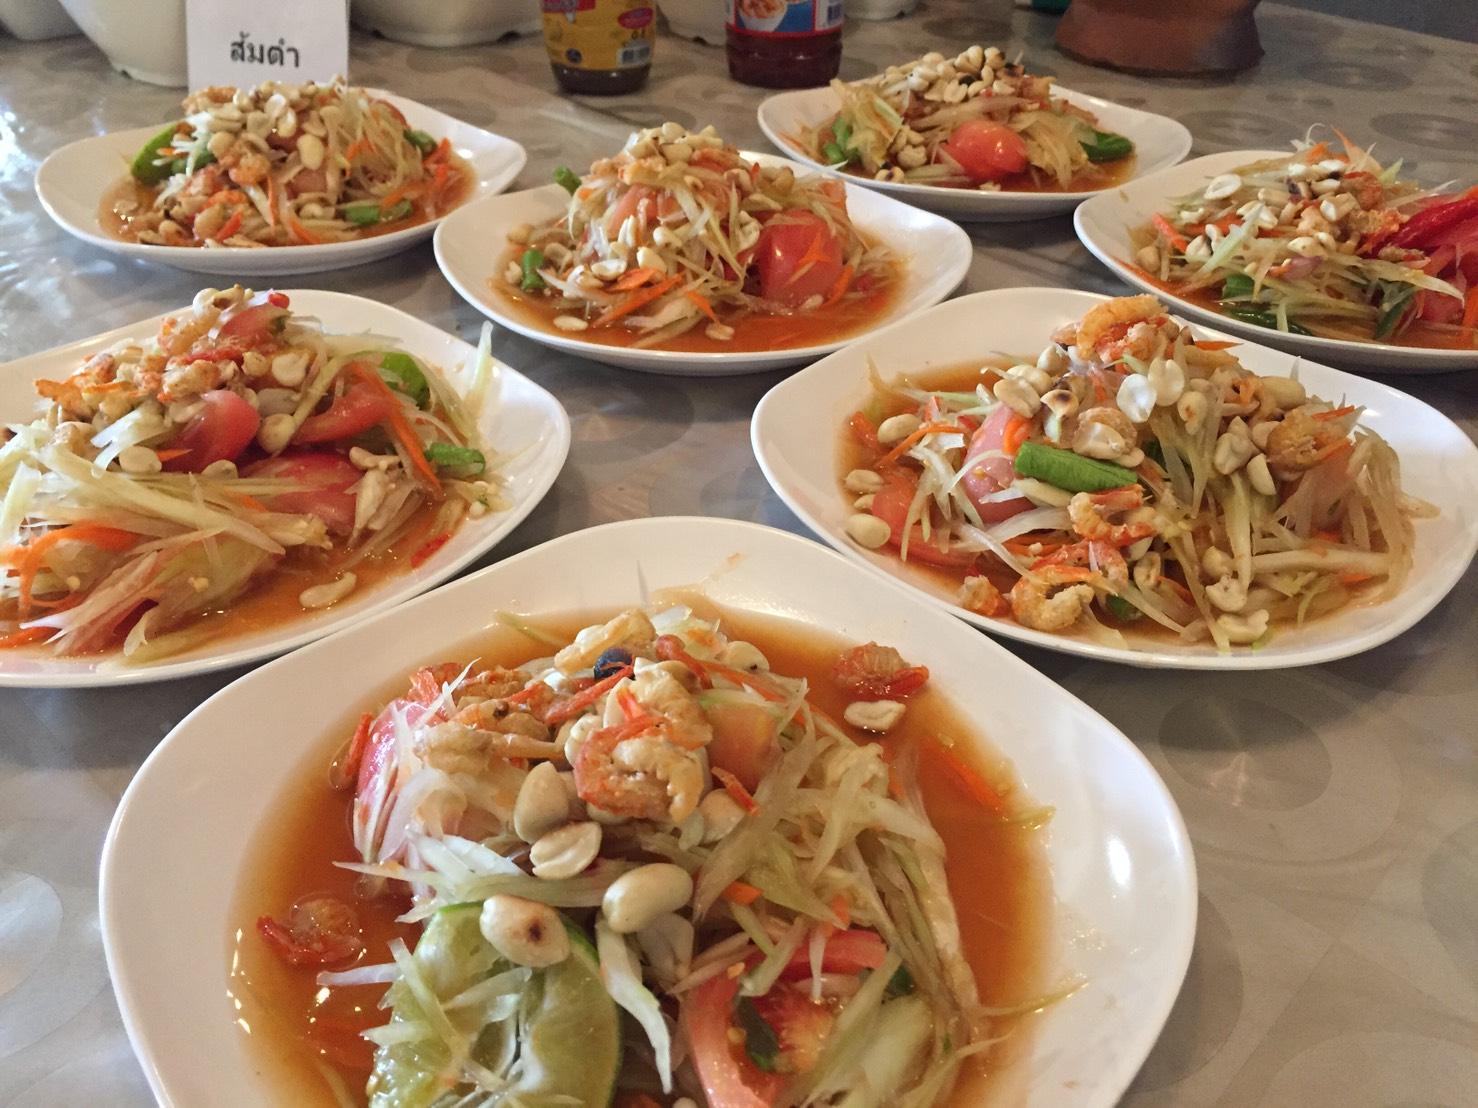 ส้มตำไทย/ไทยปู/ปูปลาร้า